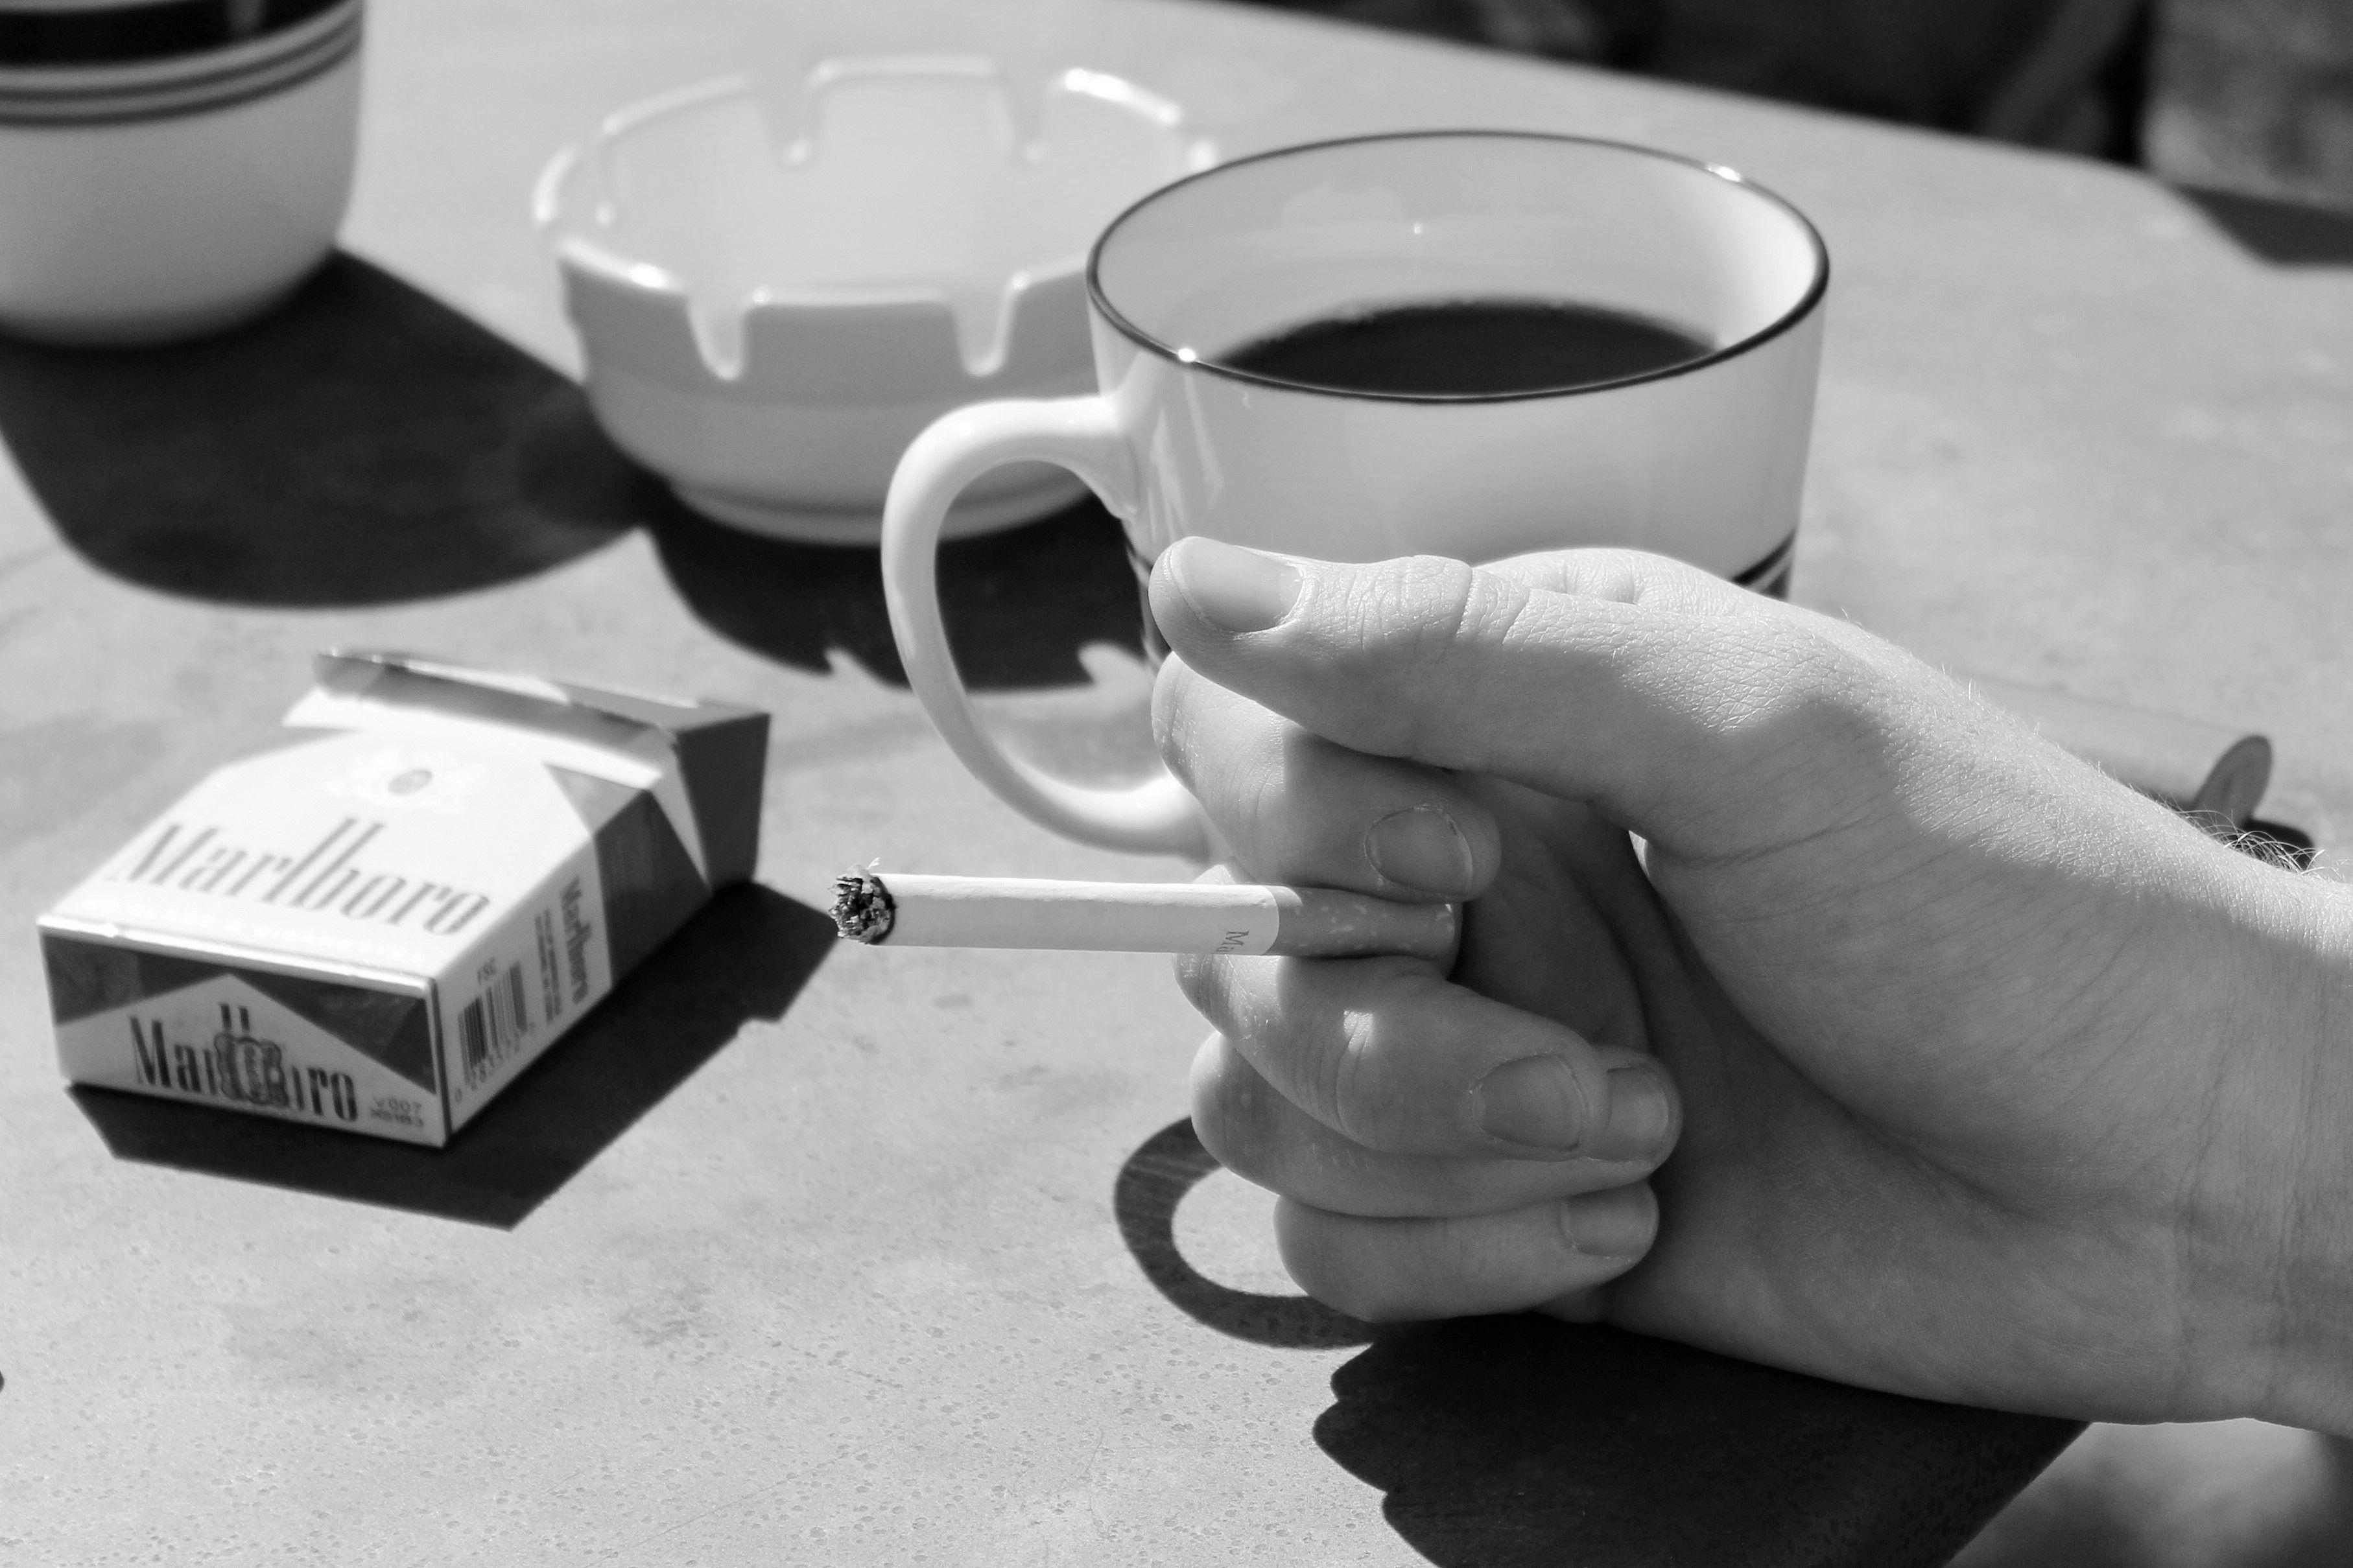 сегодня картинки на телефон кофе сигареты также ней